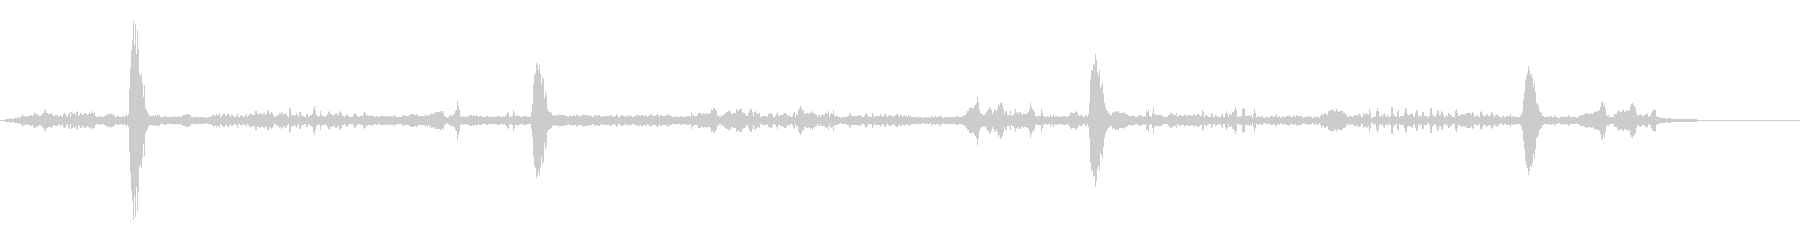 ヌークローズ-バードソング1の未再生の波形